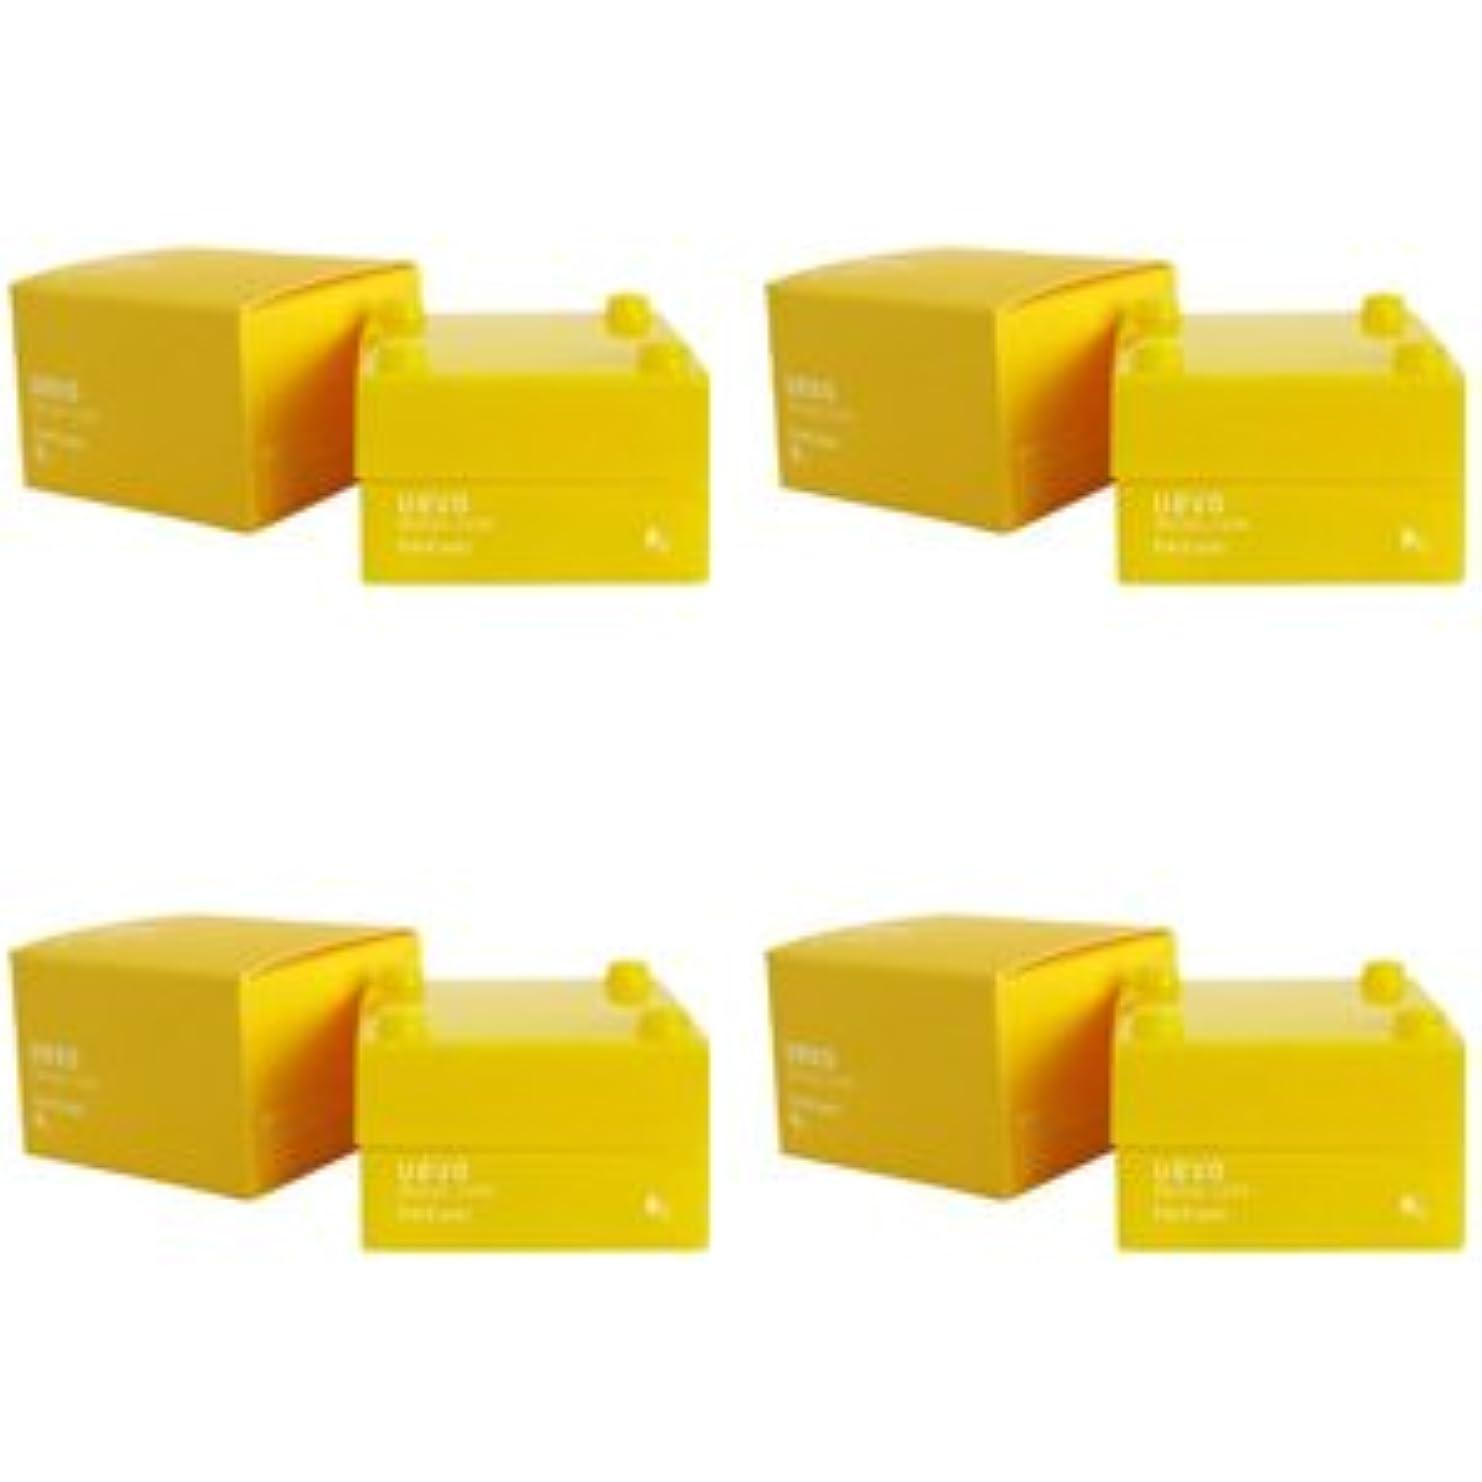 チャンピオンシップアジア人同じ【X4個セット】 デミ ウェーボ デザインキューブ ハードワックス 30g hard wax DEMI uevo design cube